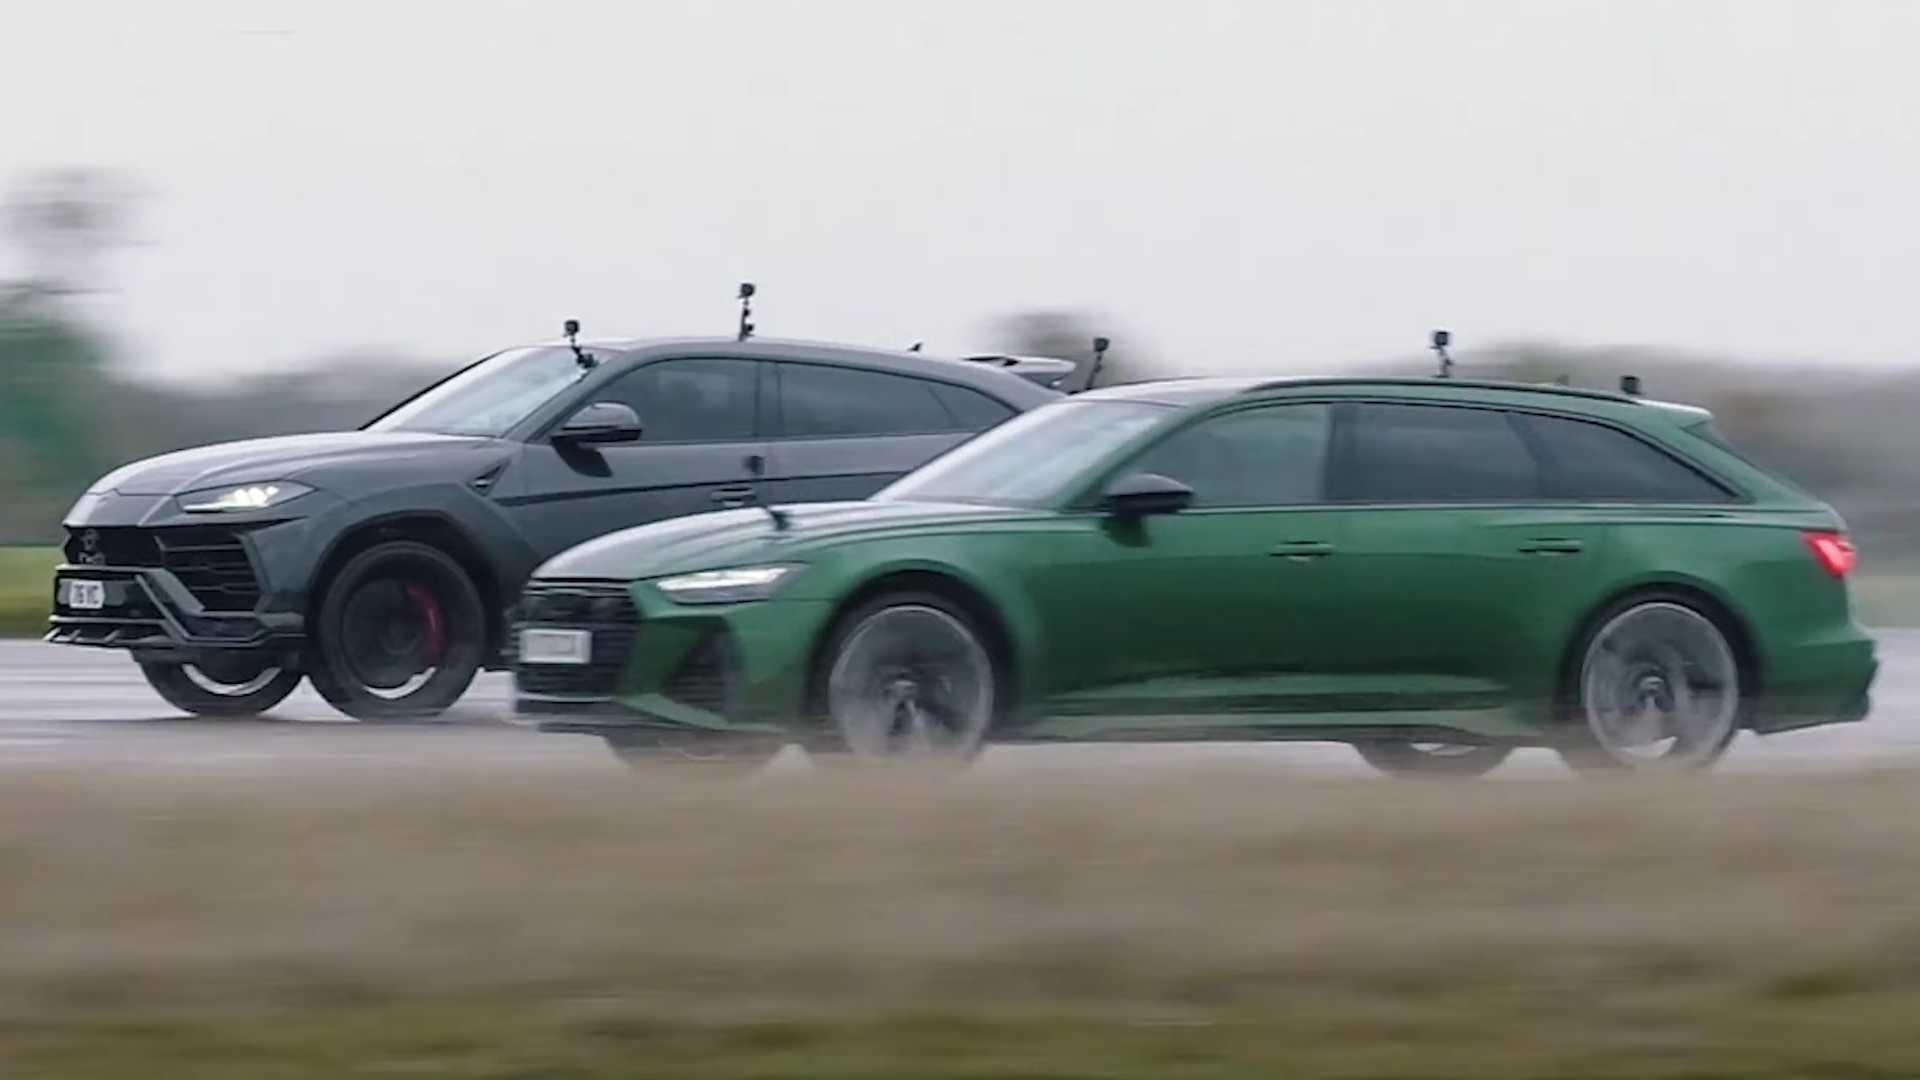 Lamborghini Urus против Audi RS6 Avant Wet Drag Race завершился на фото-финише